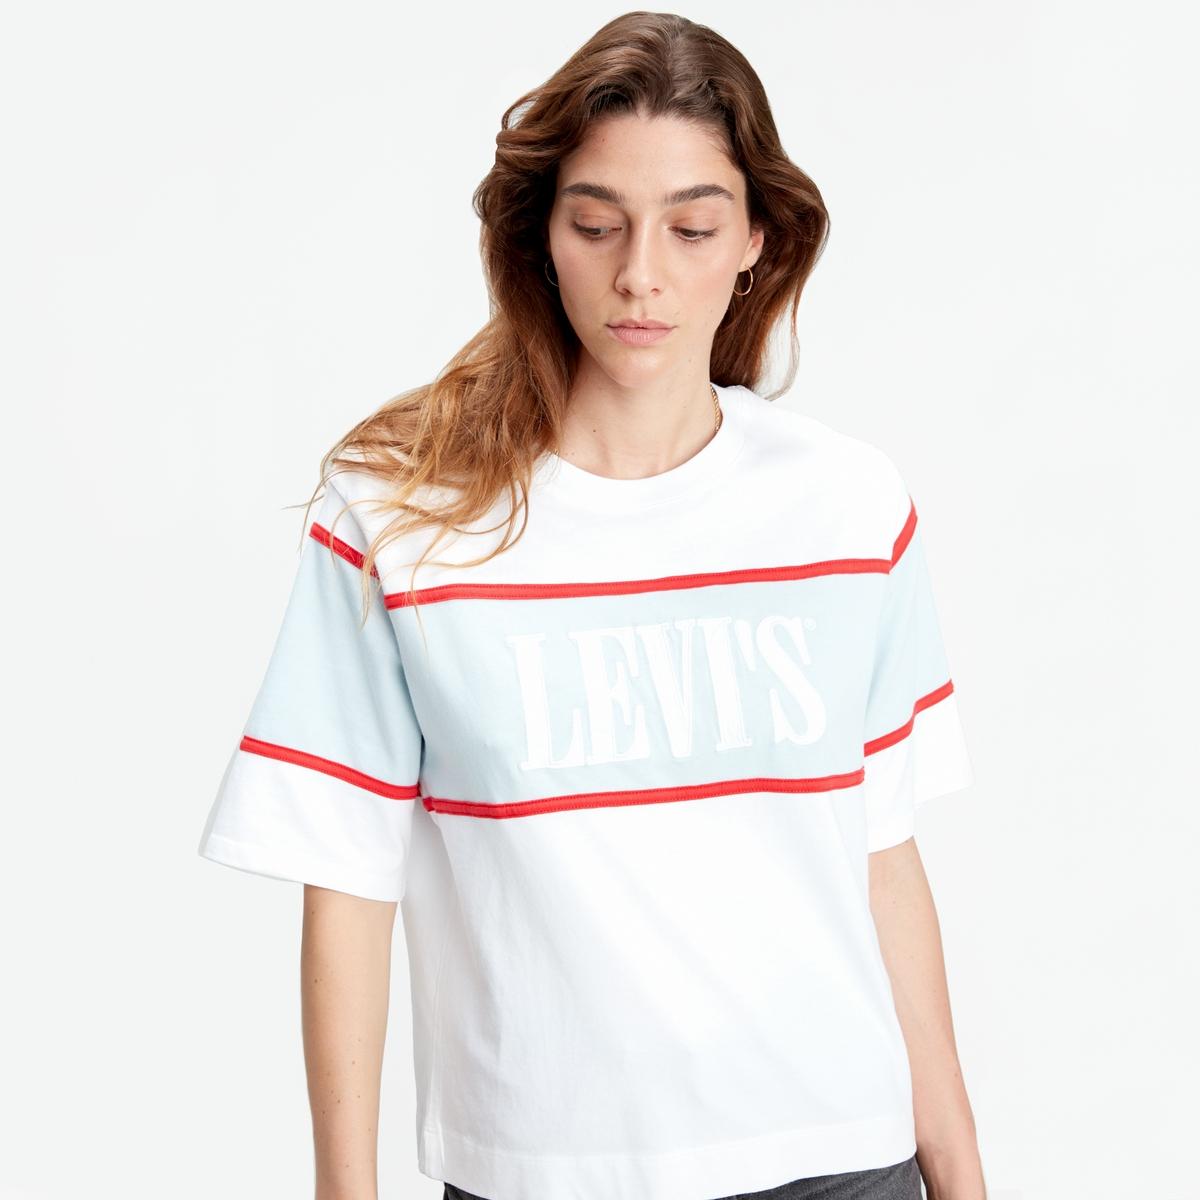 Camiseta corta con corte amplio y logotipo